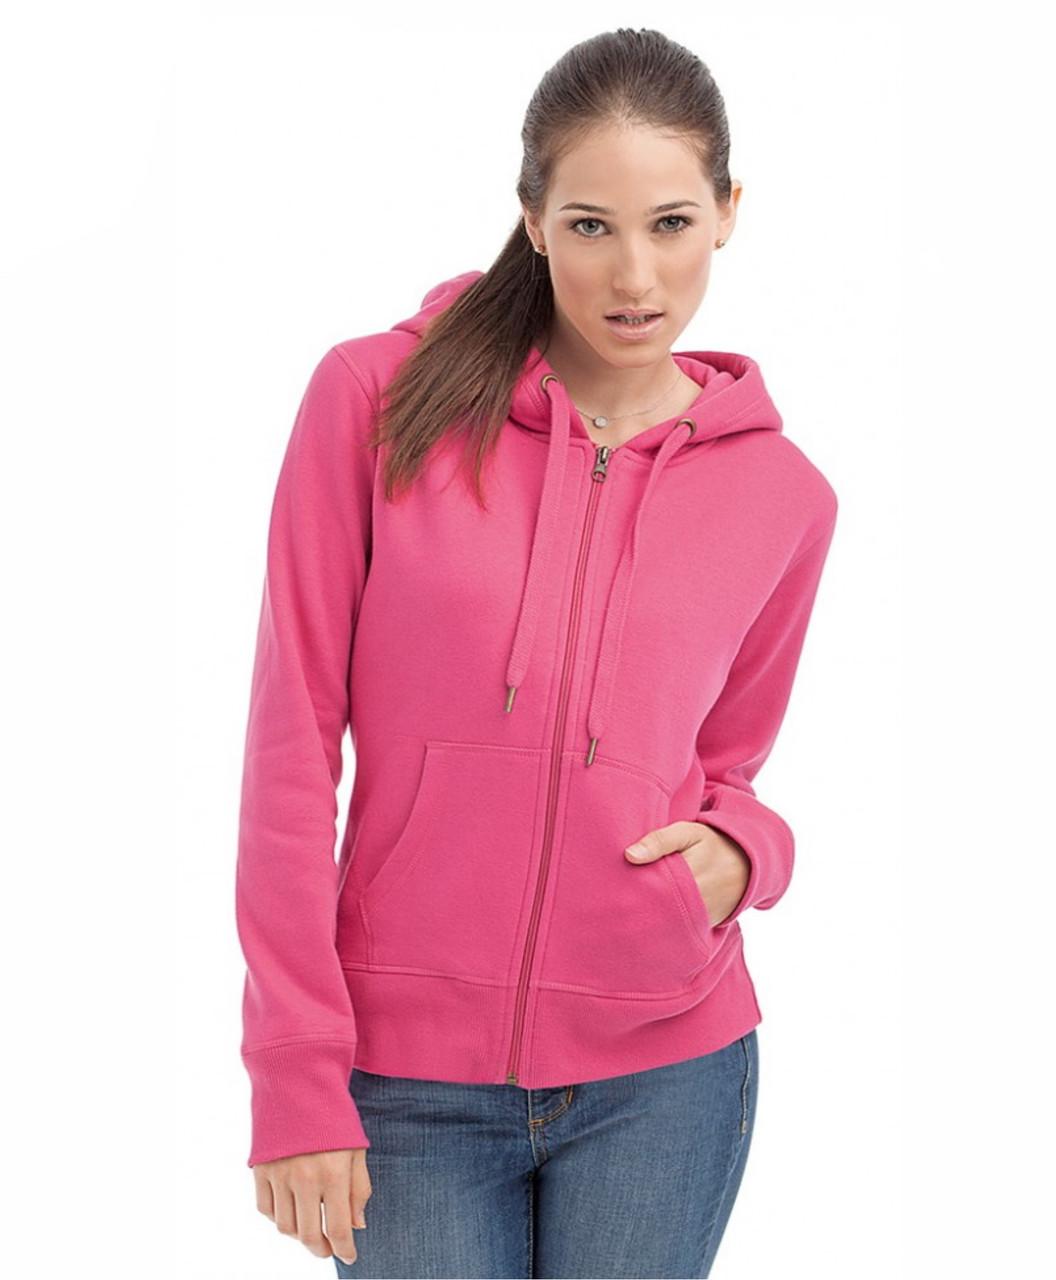 Женская кофта с капюшоном на молнии розовая, кенгуру Stedman - Sweet Pink CT5710